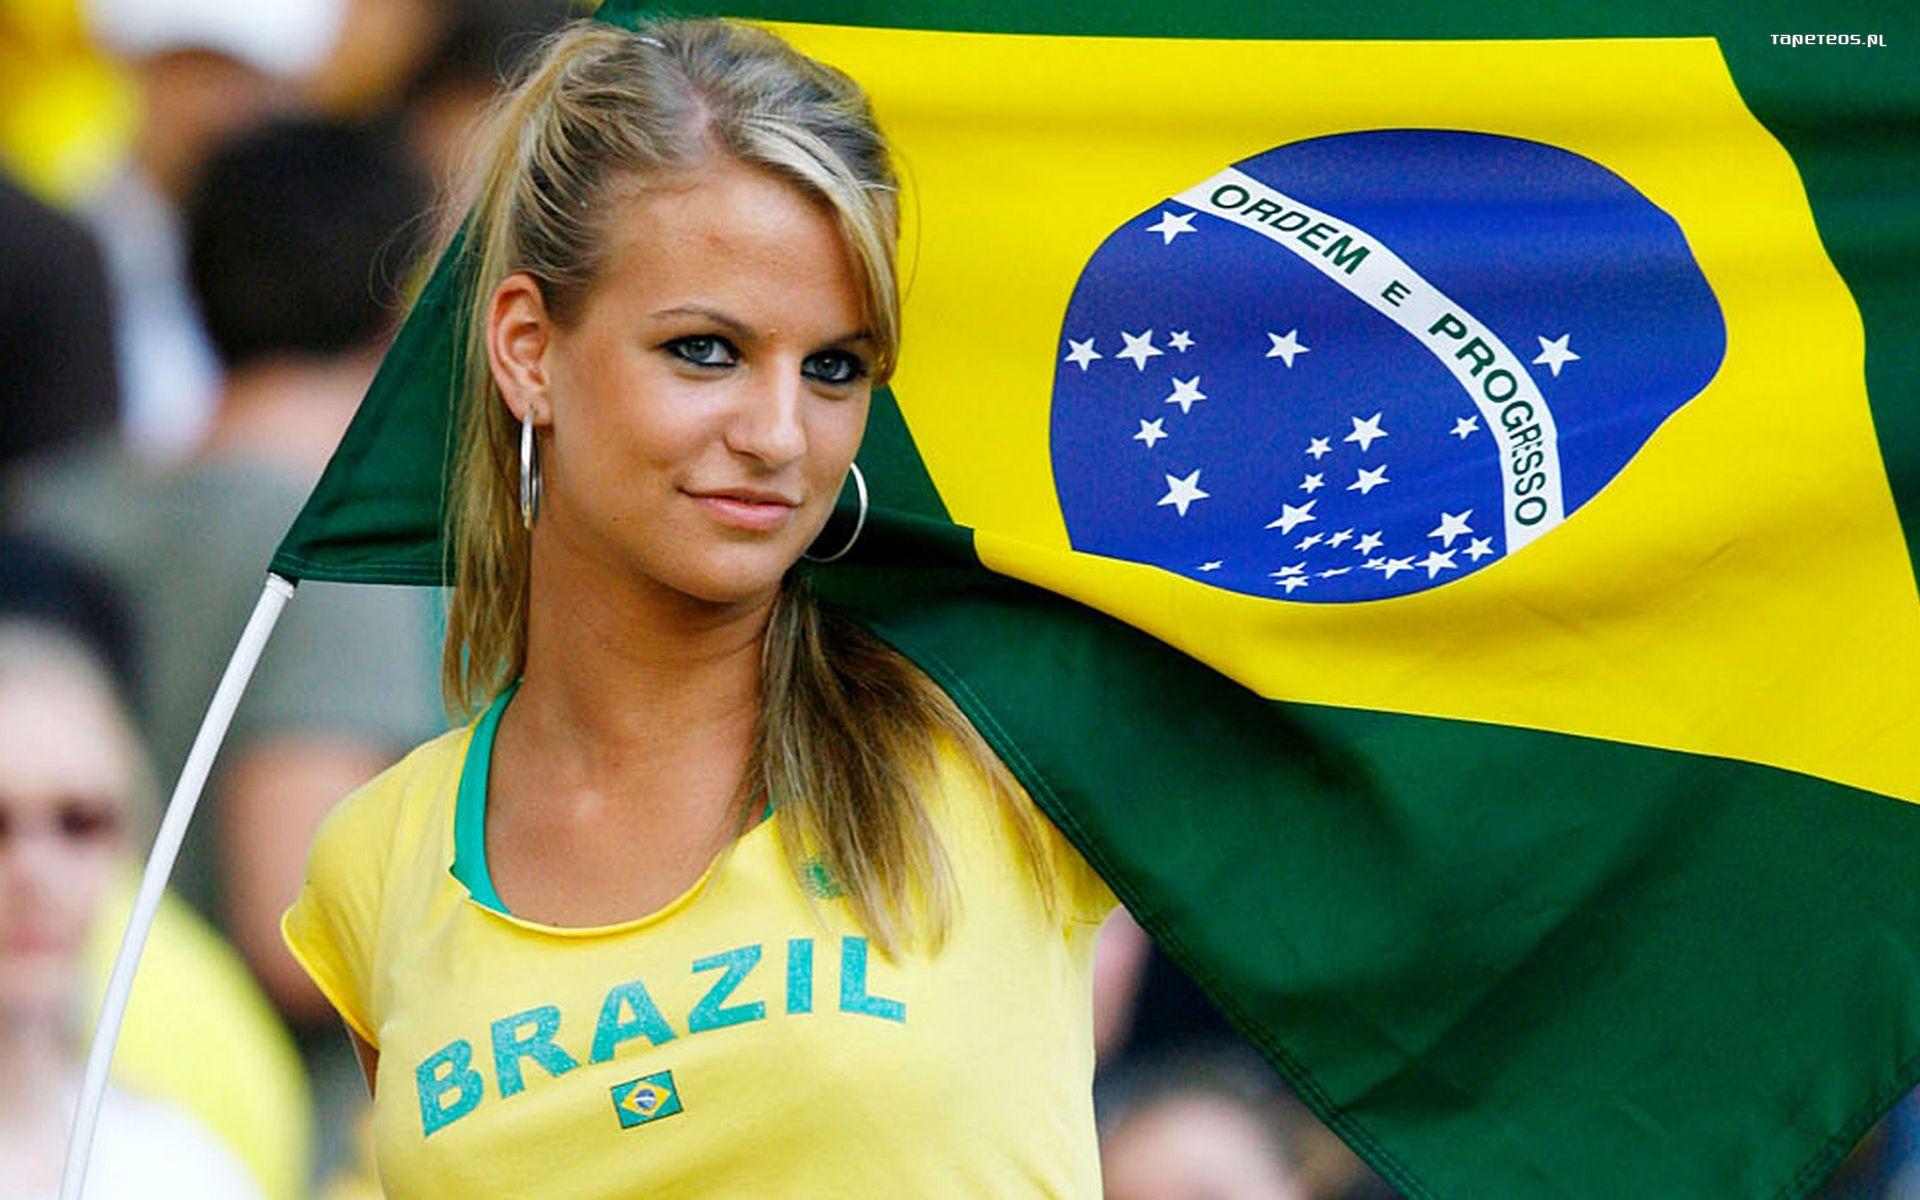 Brazilian girls in towels, hard core anal rape